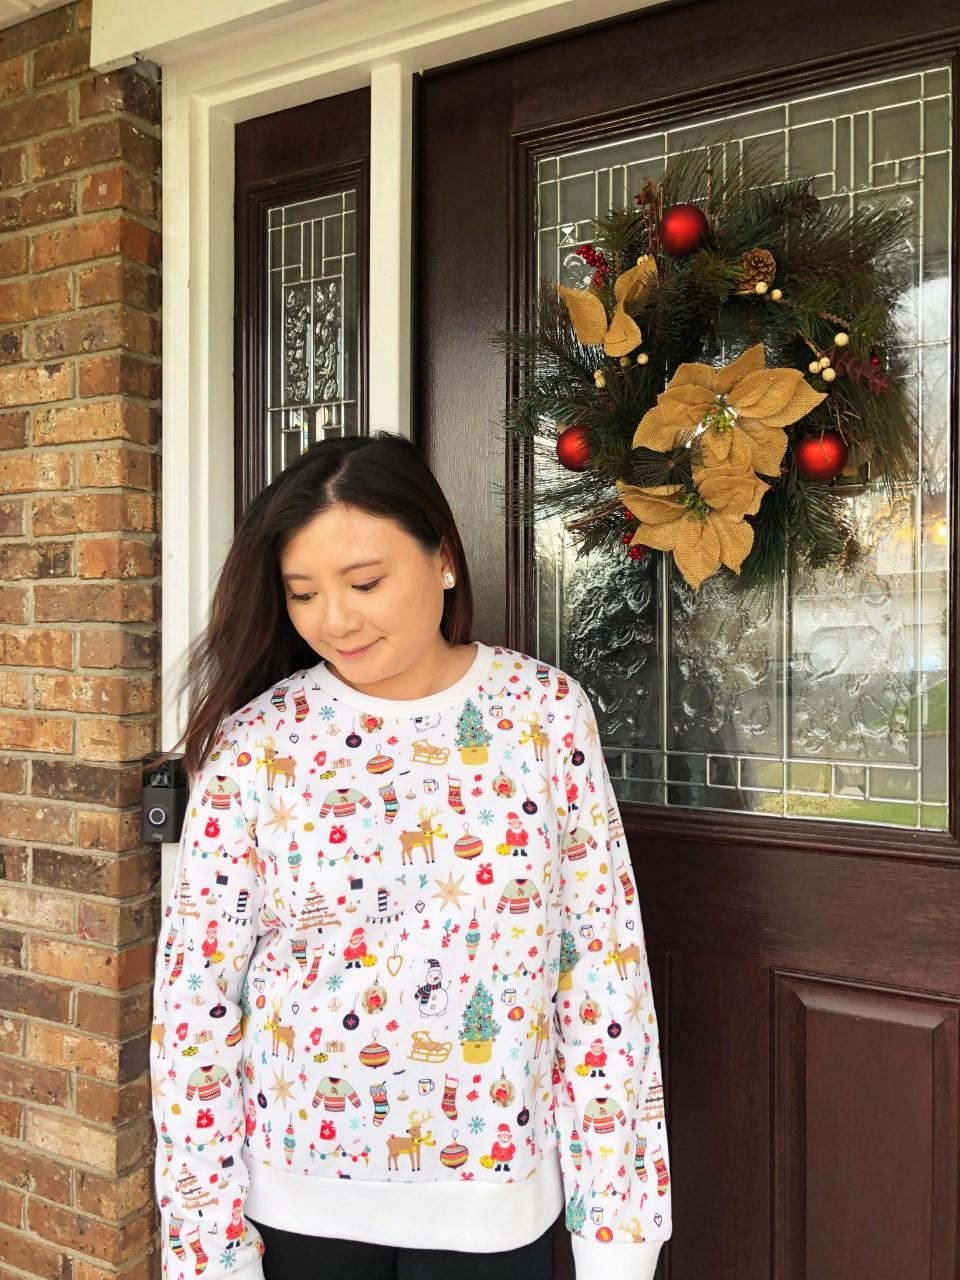 Christmas Graphic Fleece Sweatshirt 8